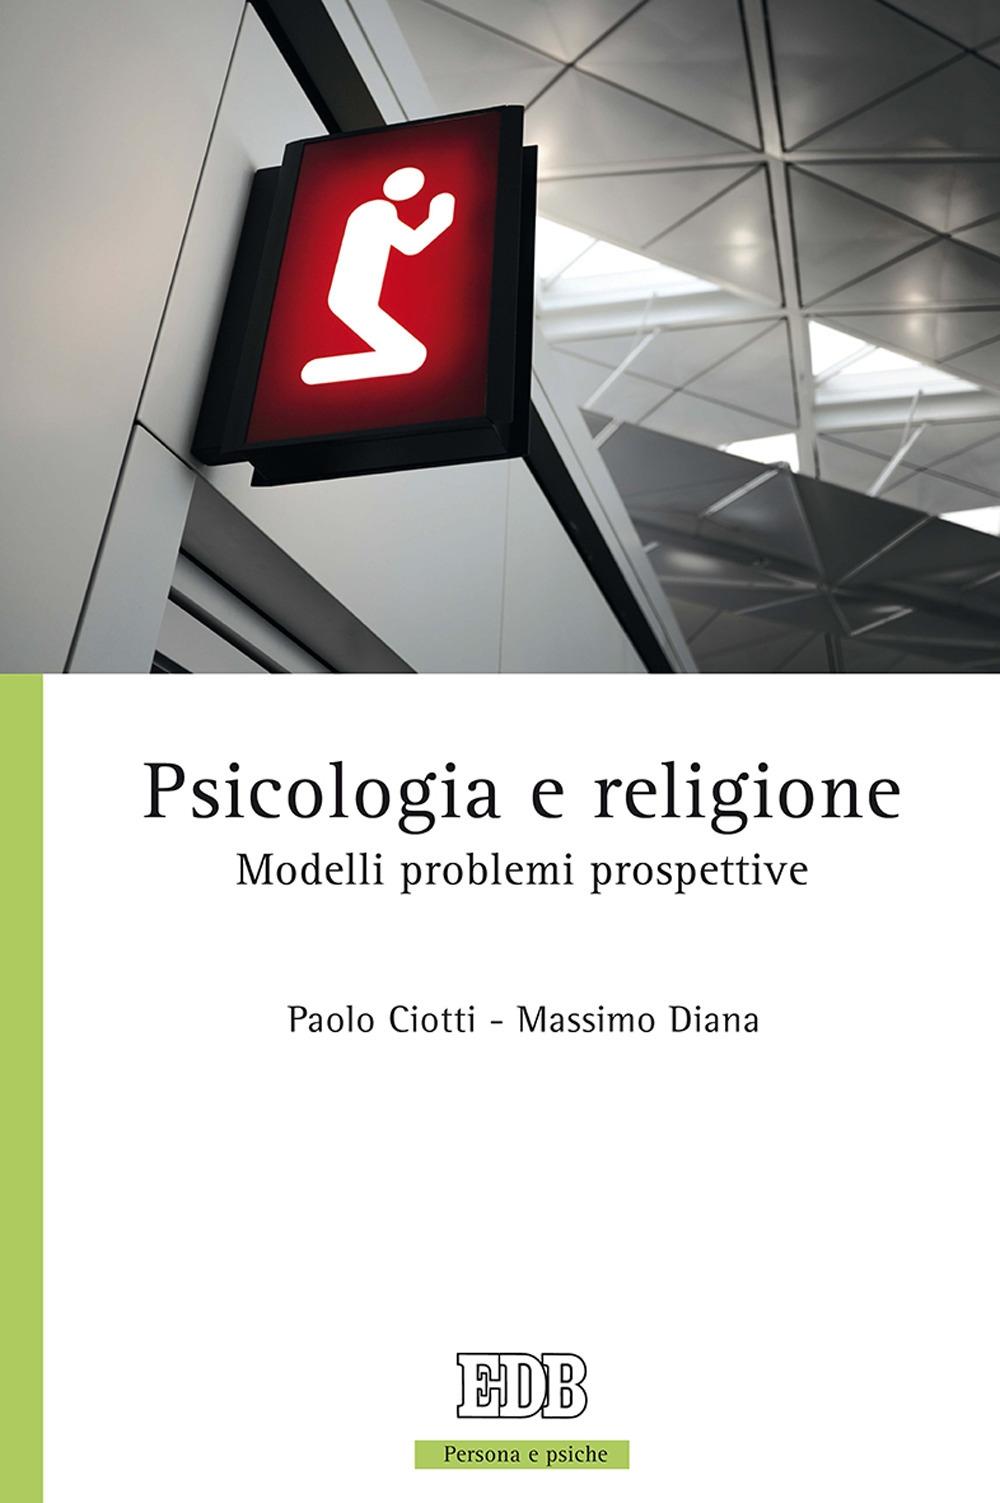 Psicologia e religione. Modelli problemi prospettive